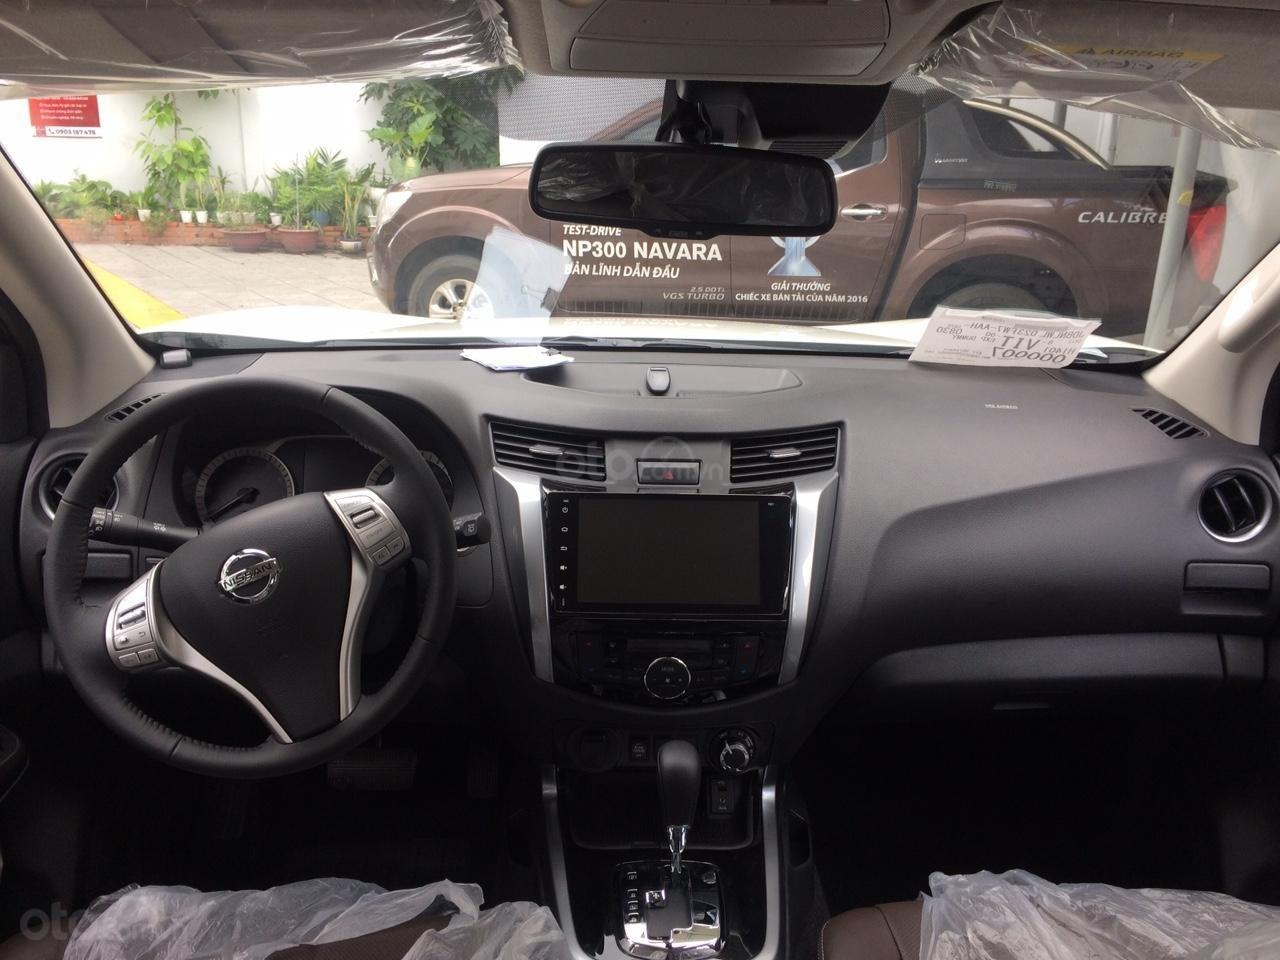 Cần bán Nissan Terra V 2.5 AT 4 WD sản xuất 2019, CTKM hấp dẫn, giao xe ngày, LH 0938466812-3